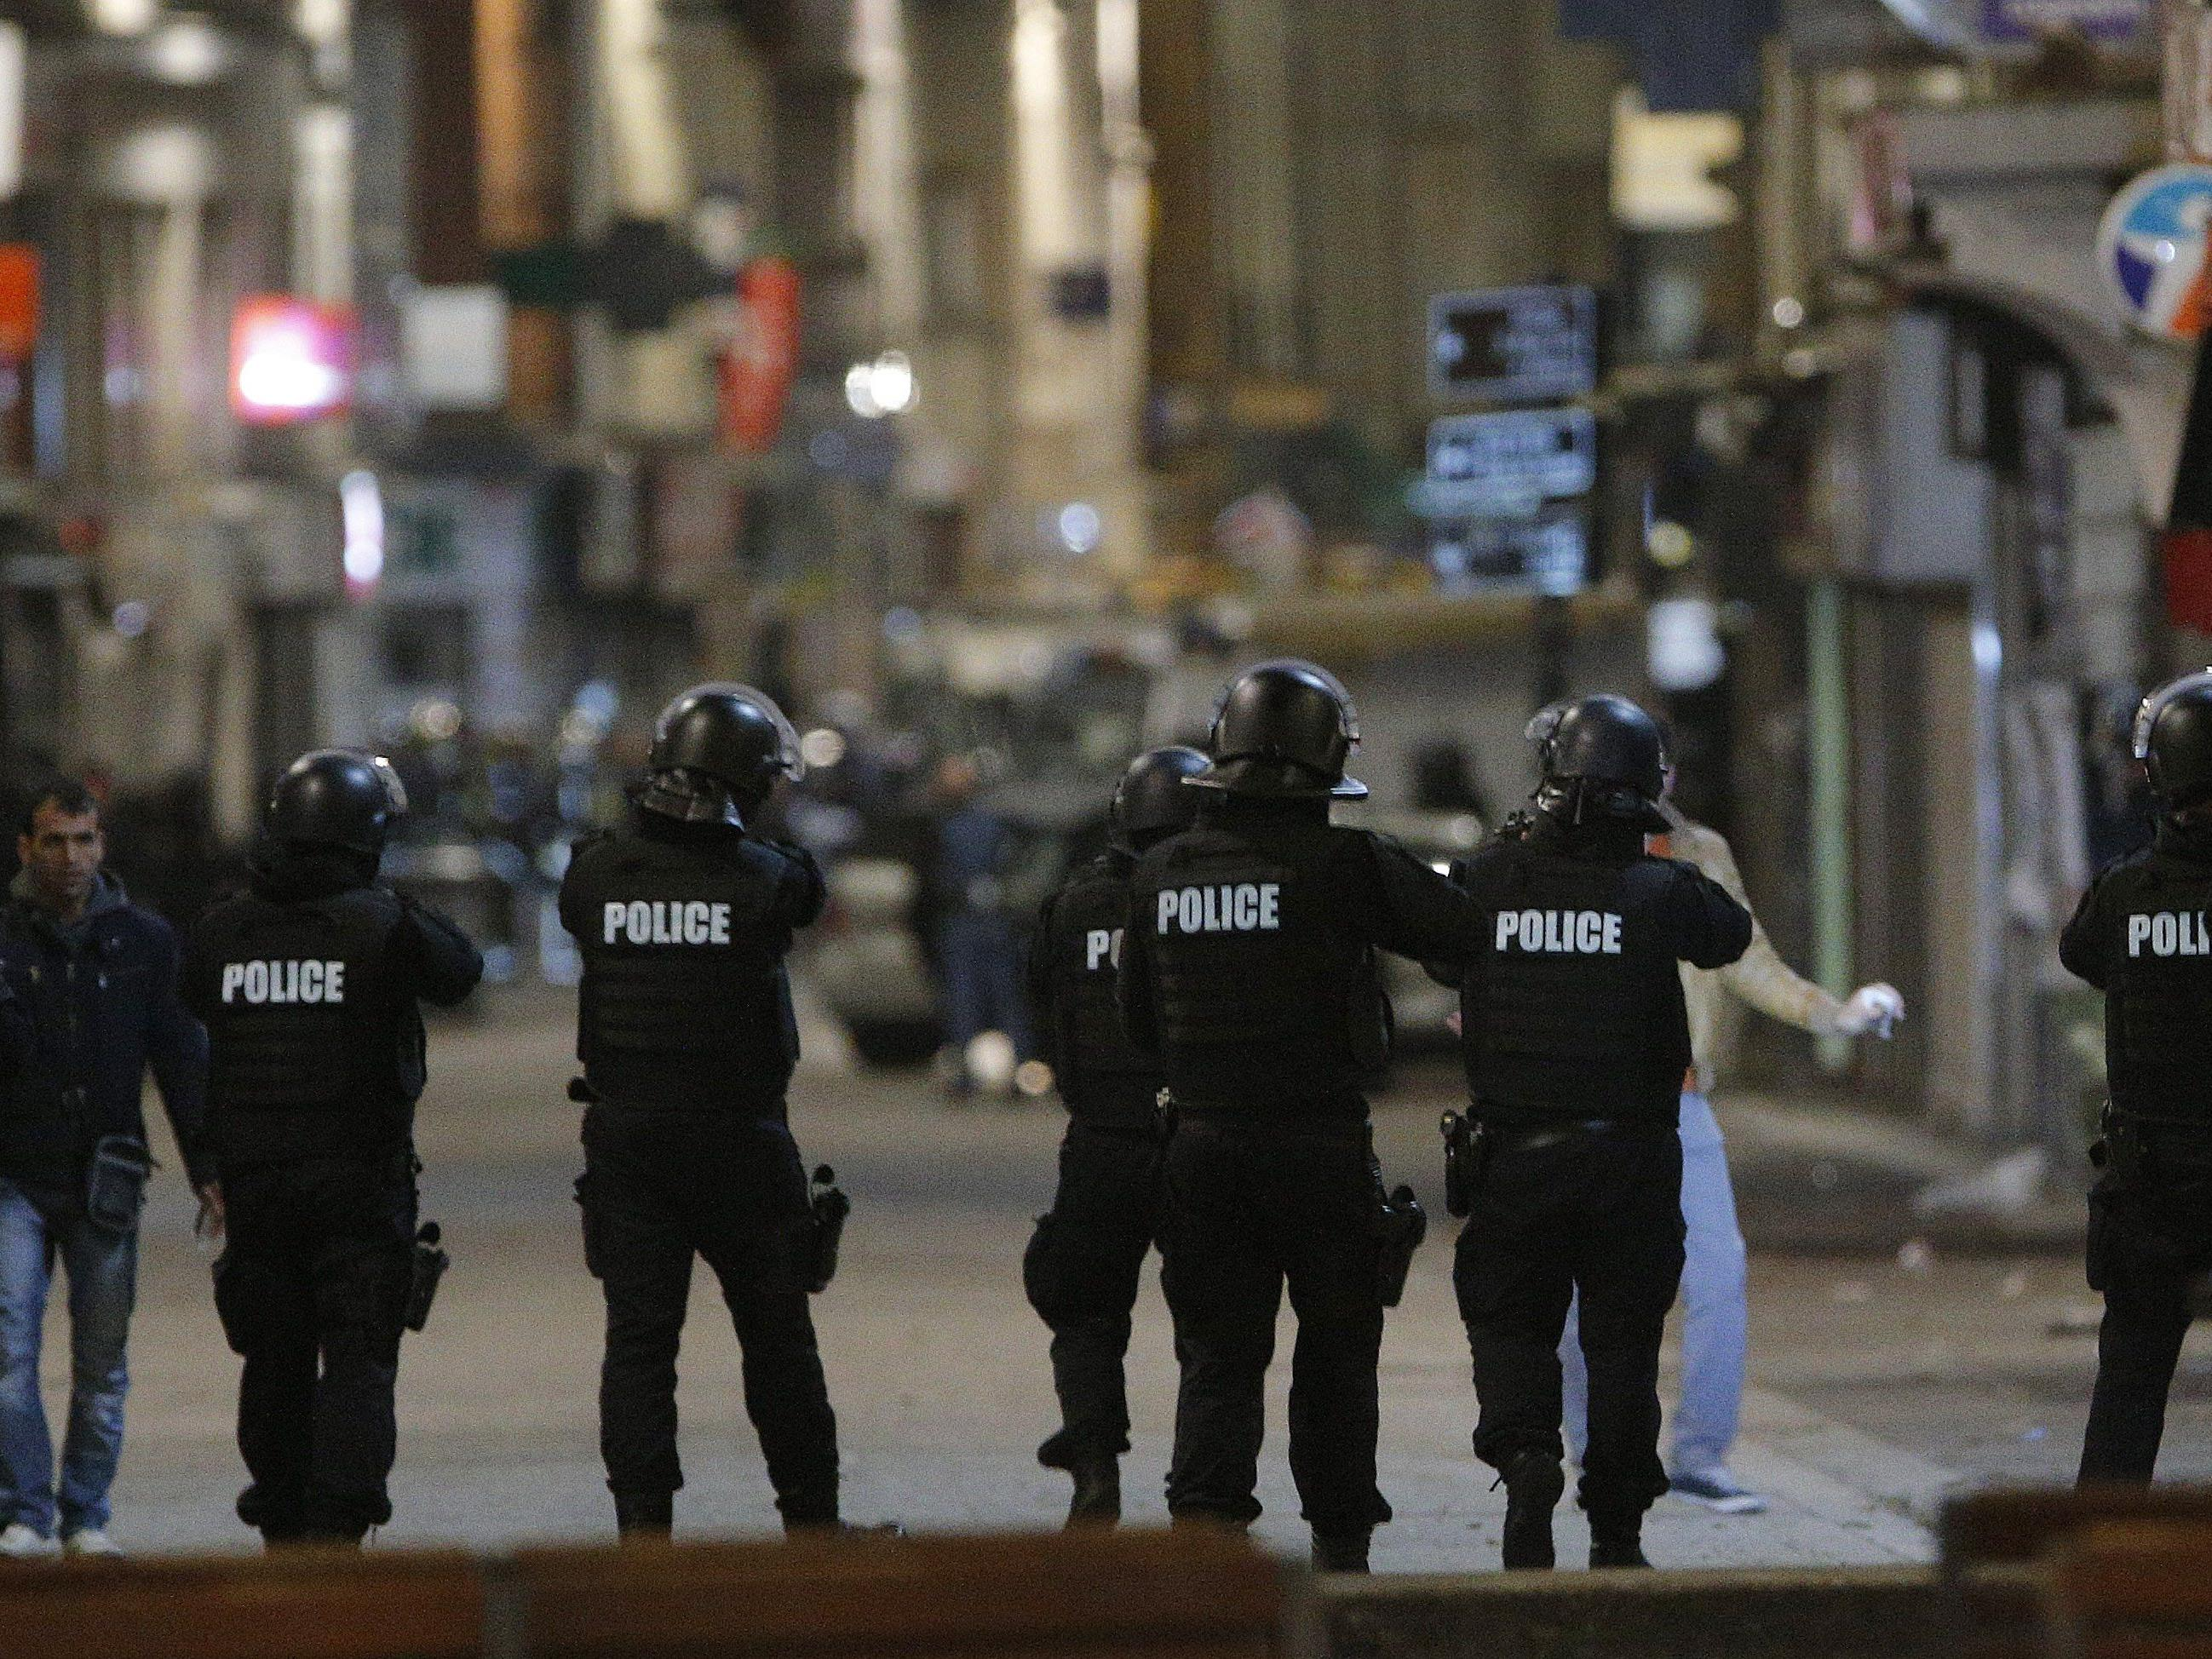 Am Mittwoch Morgen führte ein Polizeieinsatz in Paris zu einem Schusswechsel.